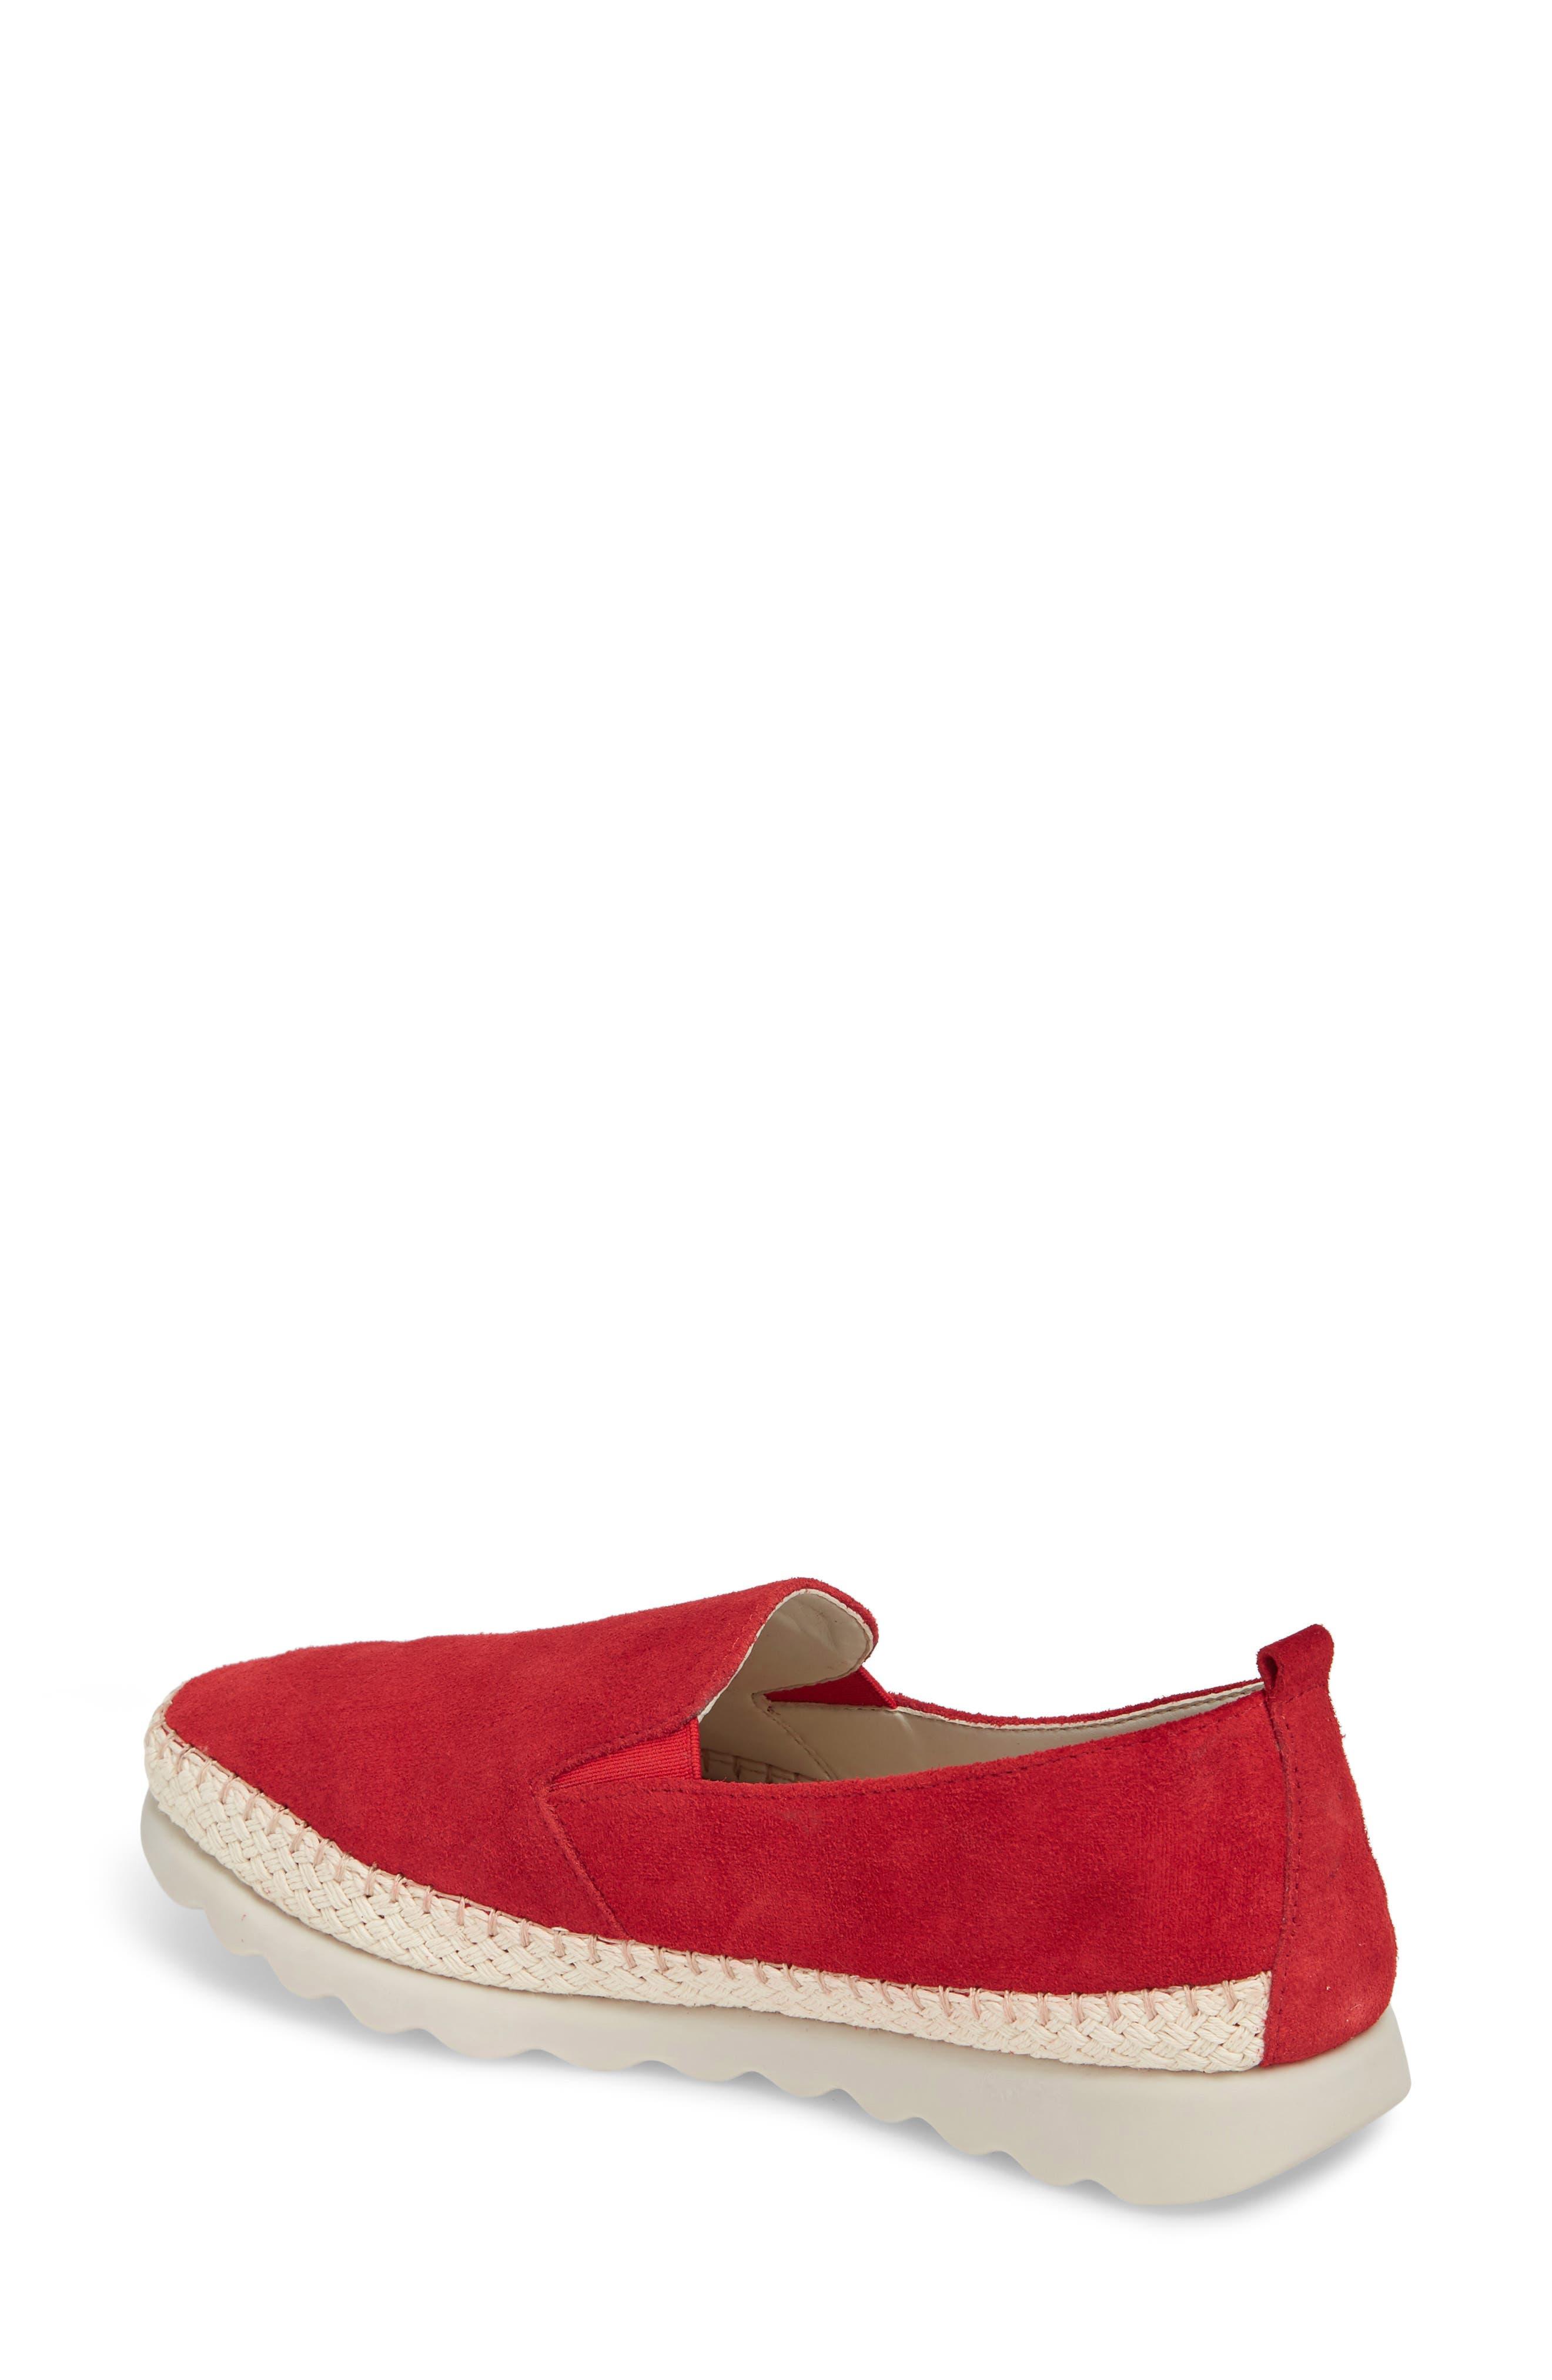 Chappie Slip-On Sneaker,                             Alternate thumbnail 13, color,